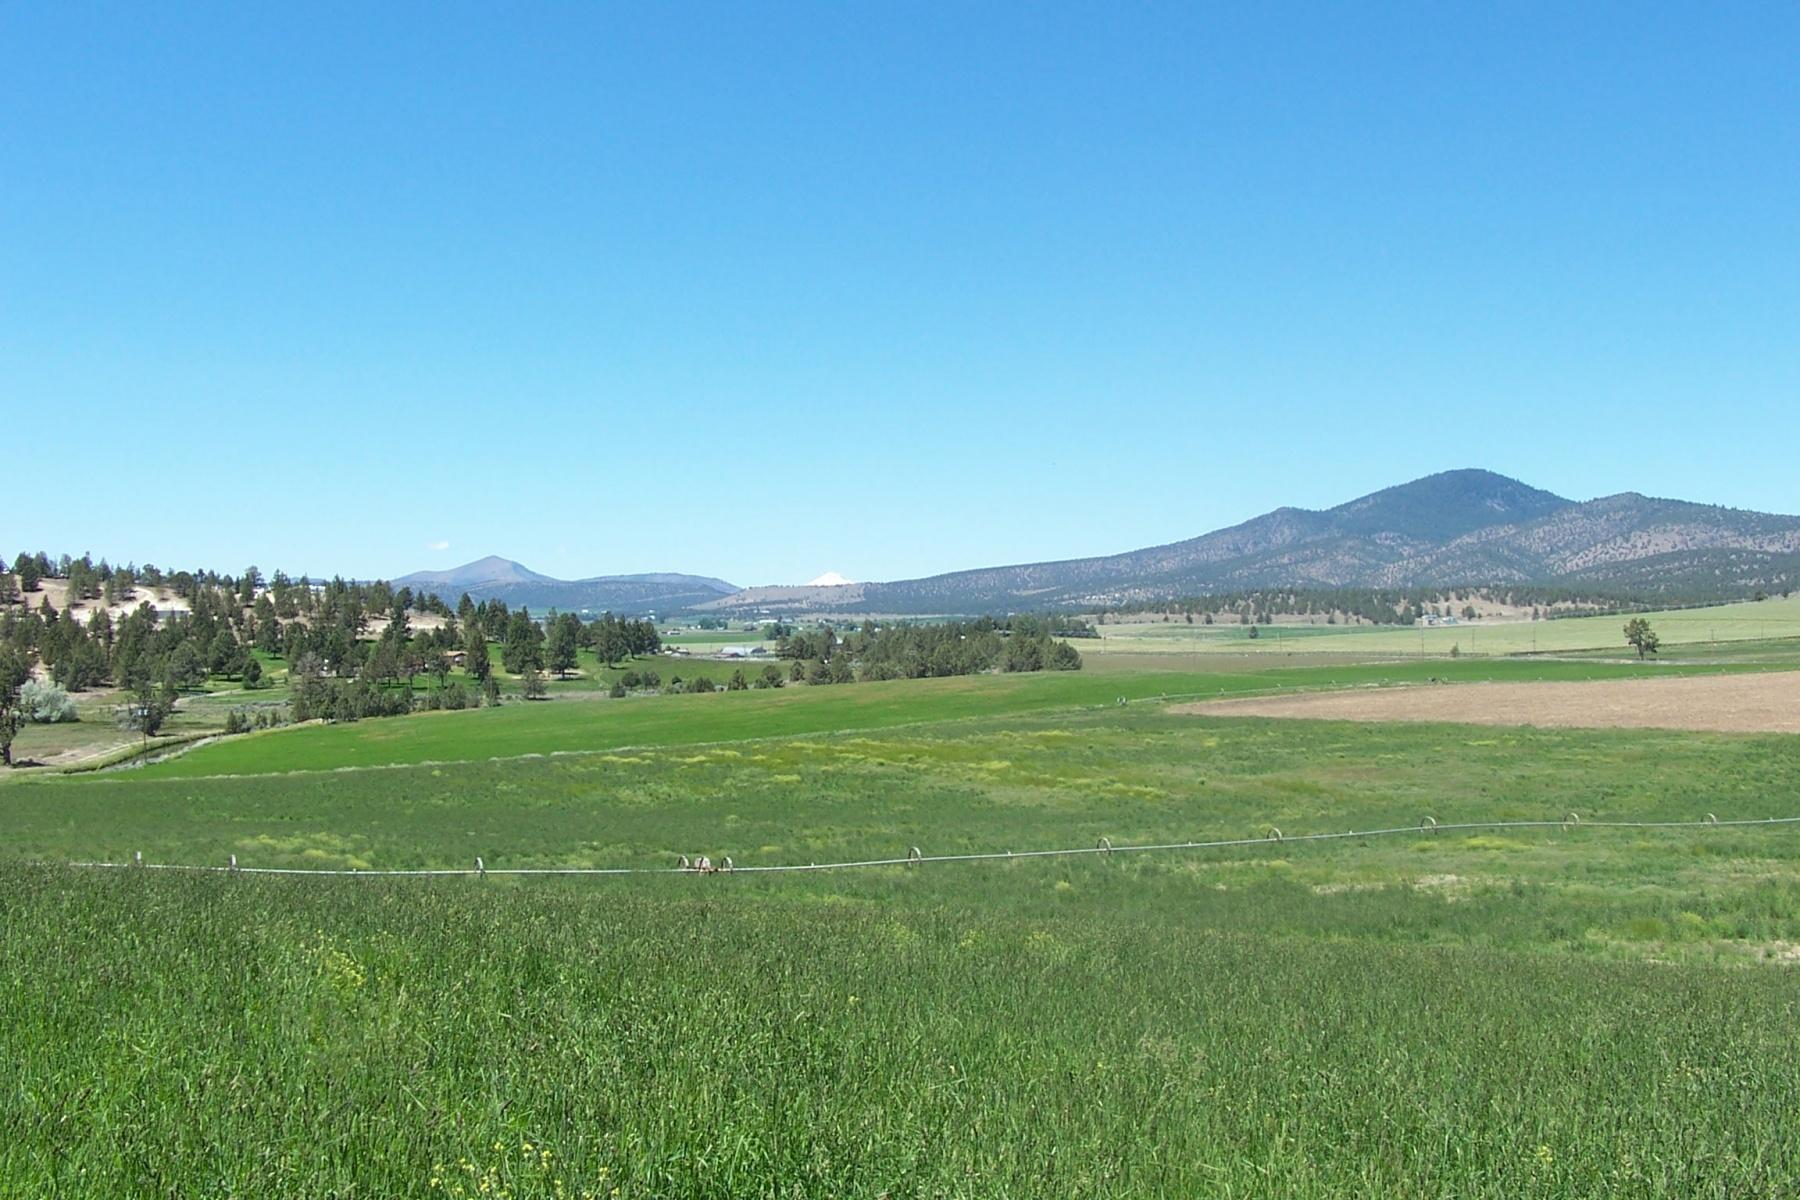 Fazenda / Quinta / Rancho / Plantação para Venda às 900 NW Gerke Road, PRINEVILLE 900 NW Gerke Rd Prineville, Oregon, 97754 Estados Unidos